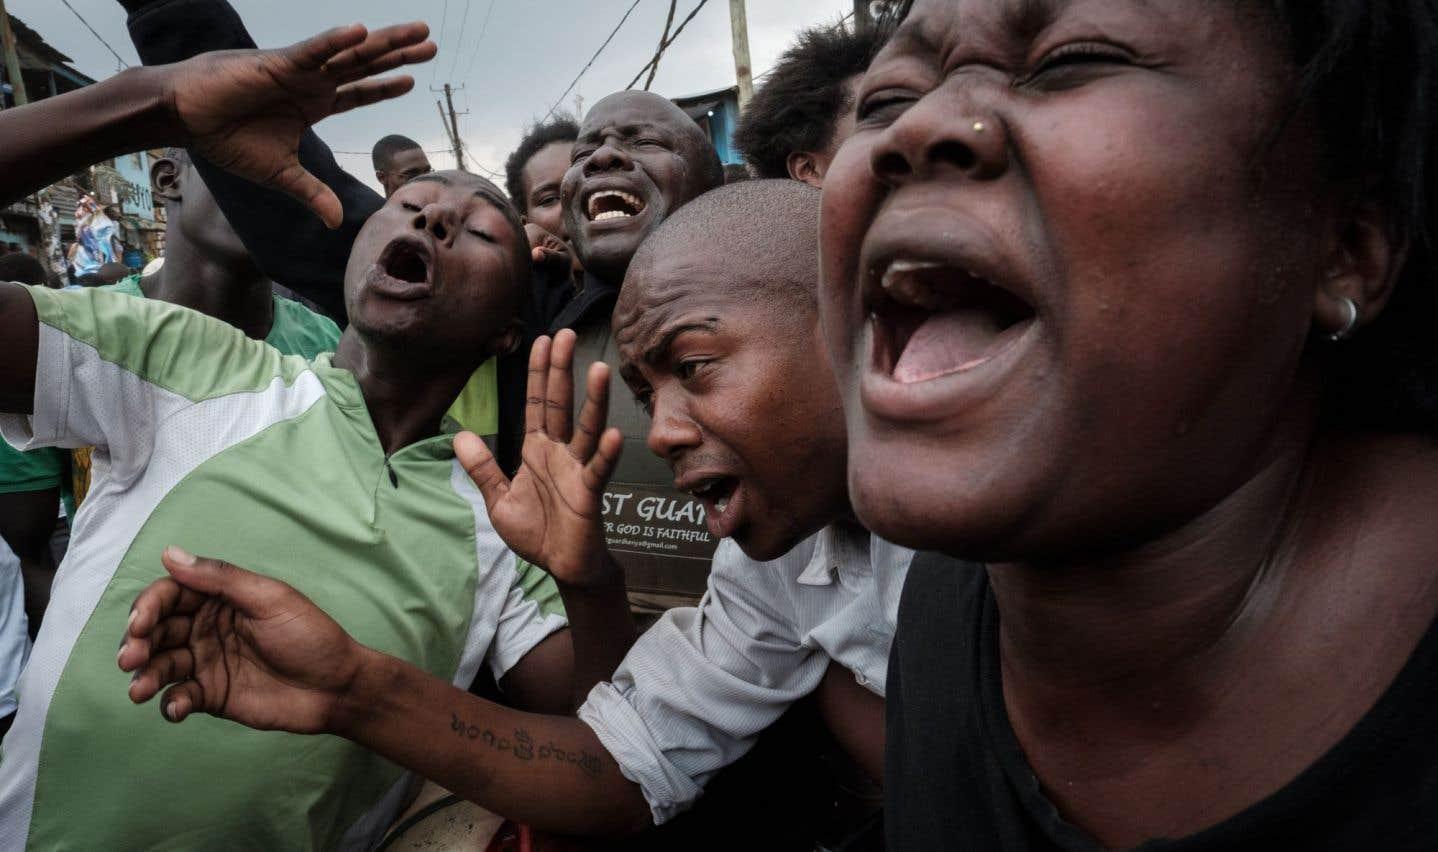 L'annonce de la victoire de M.Kenyatta s'était accompagnée de manifestations et d'émeutes violemment réprimées par la police.